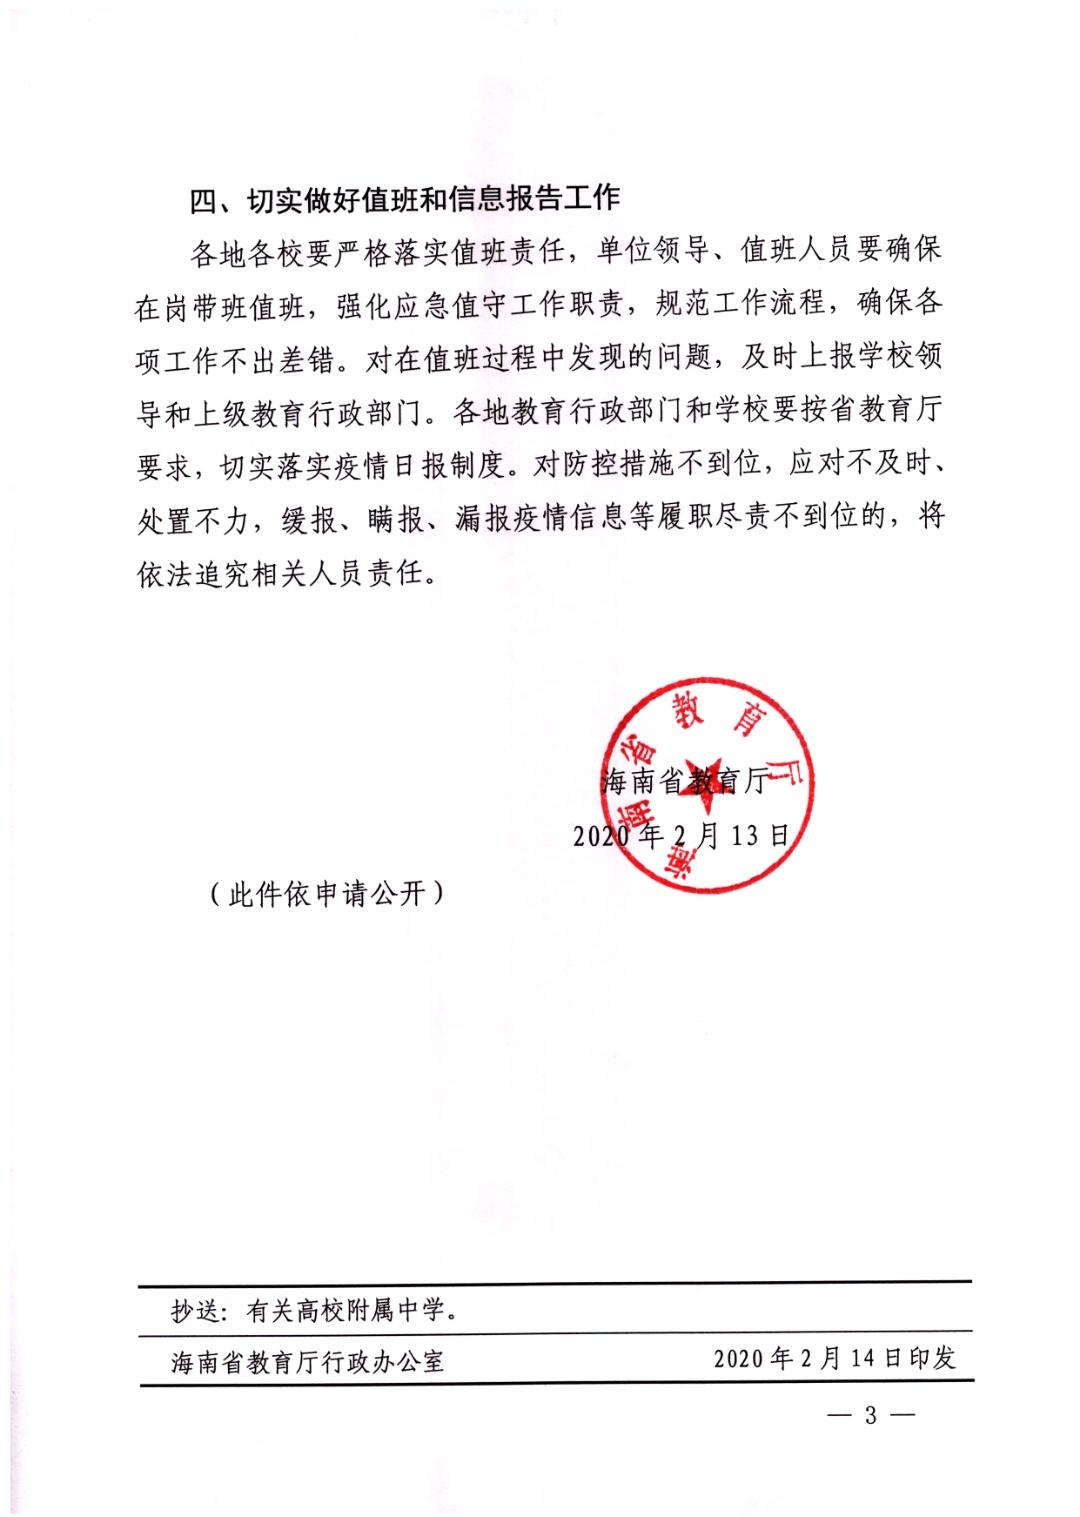 海南省教育廳關于做好新型冠狀病毒感染的肺炎疫情防控期間學校安全工作的緊急通知